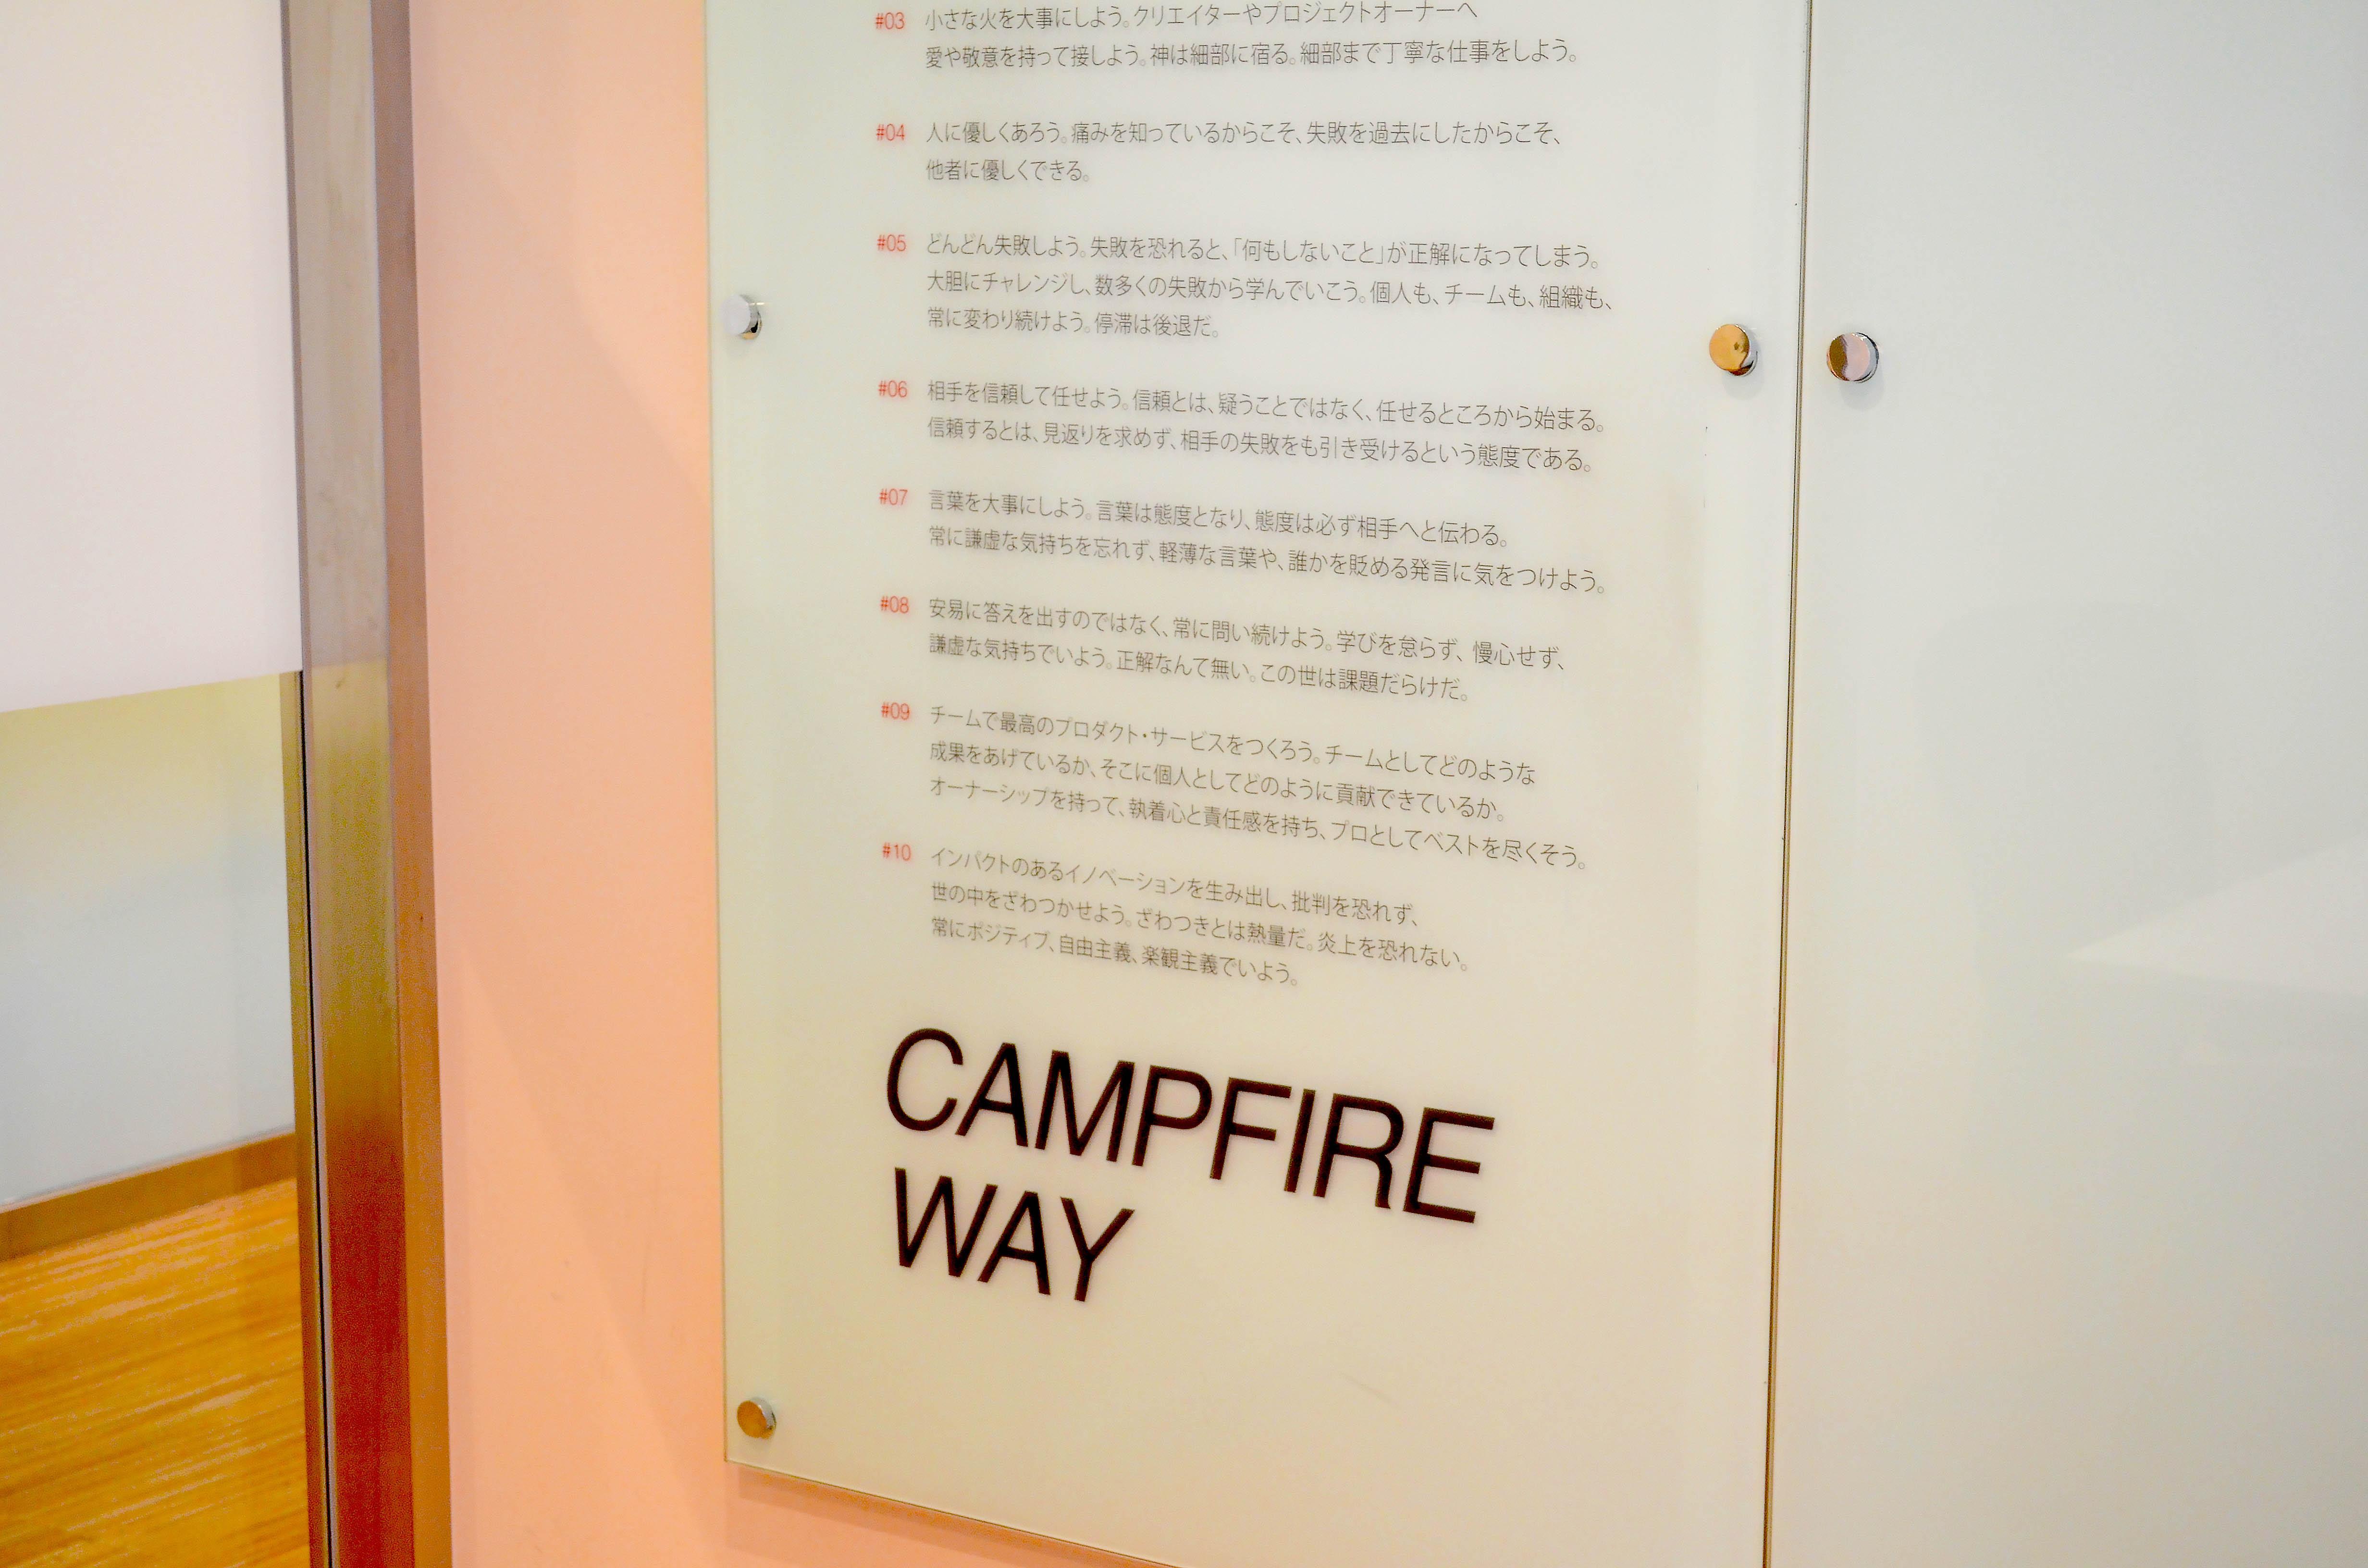 各ミーティングスペースの壁には、「CAMPFIRE WAY」と名付けられた10個のバリューが書かれています。